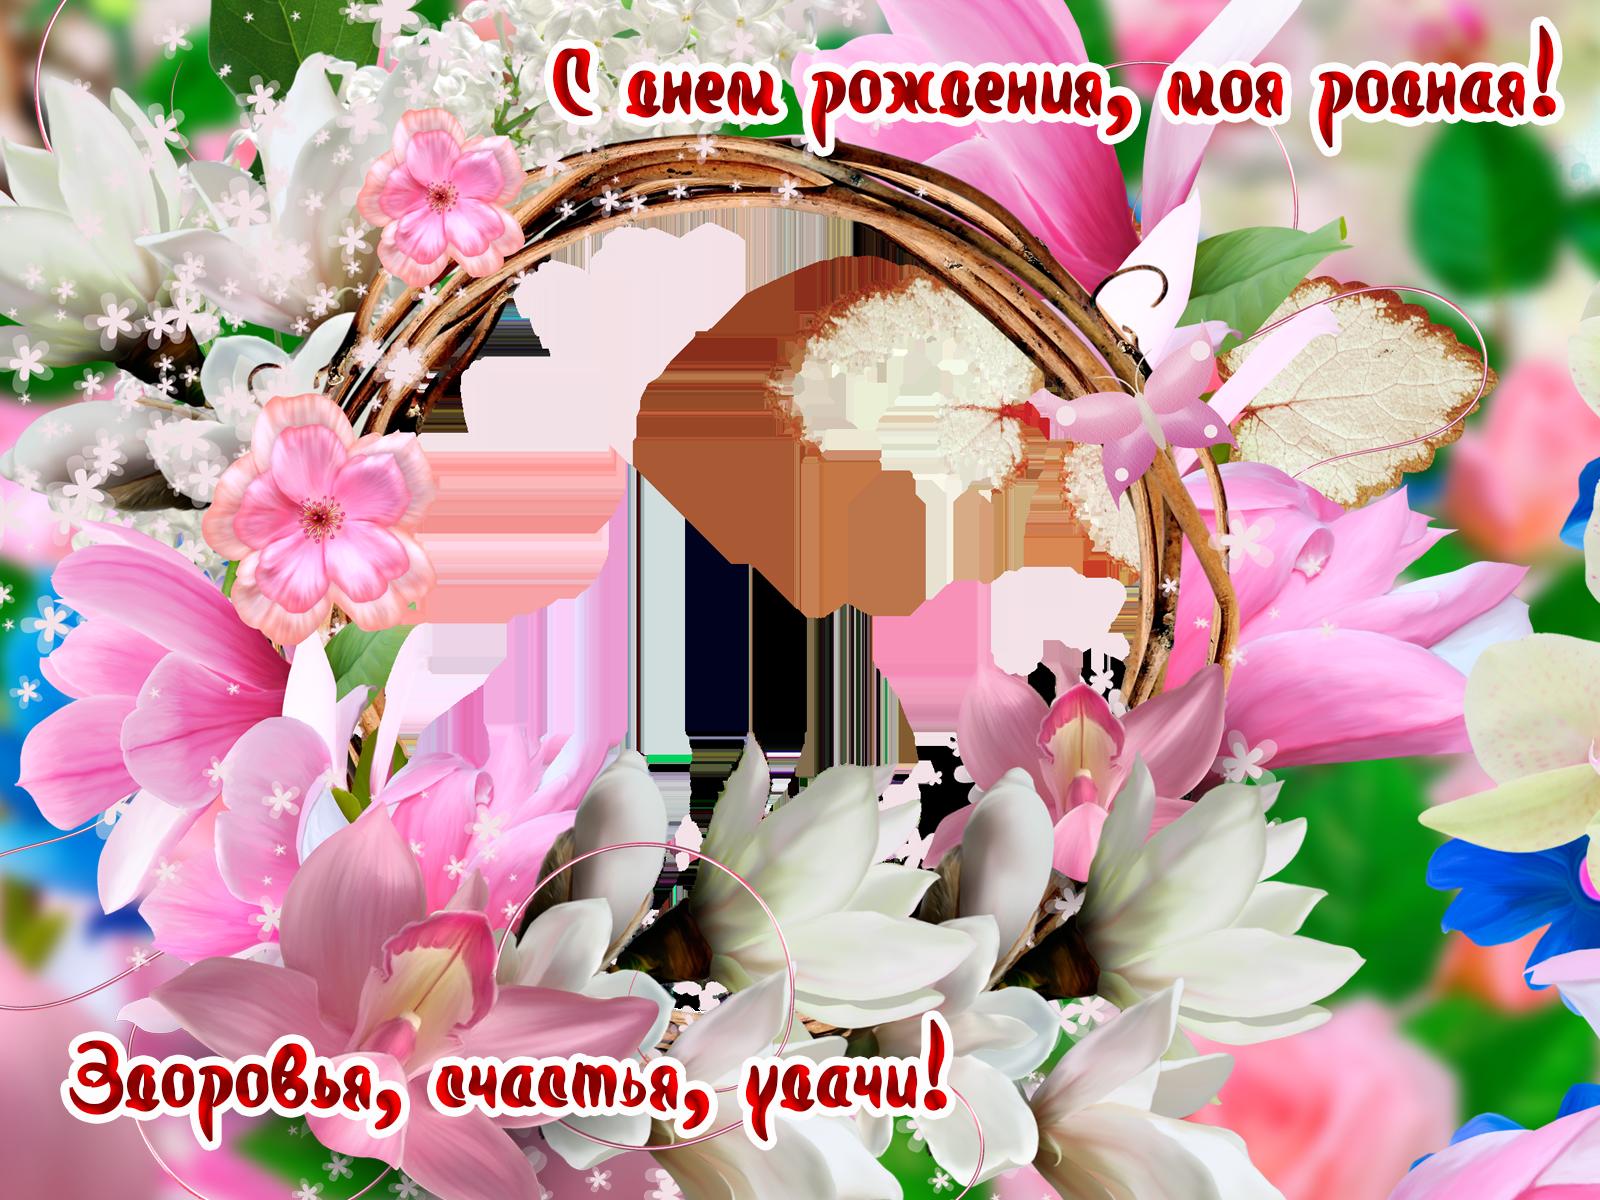 Фоторамка С днем рождения, моя родная! Фоторамка для фотошопа, PNG шаблон. Круглая фоторамка на день рождения любимой, сестре, матери, дочери. Открытка на день рождения девушке. Здоровья, счастья, удачи! Розовые и белые цветы, круглая фоторамка.